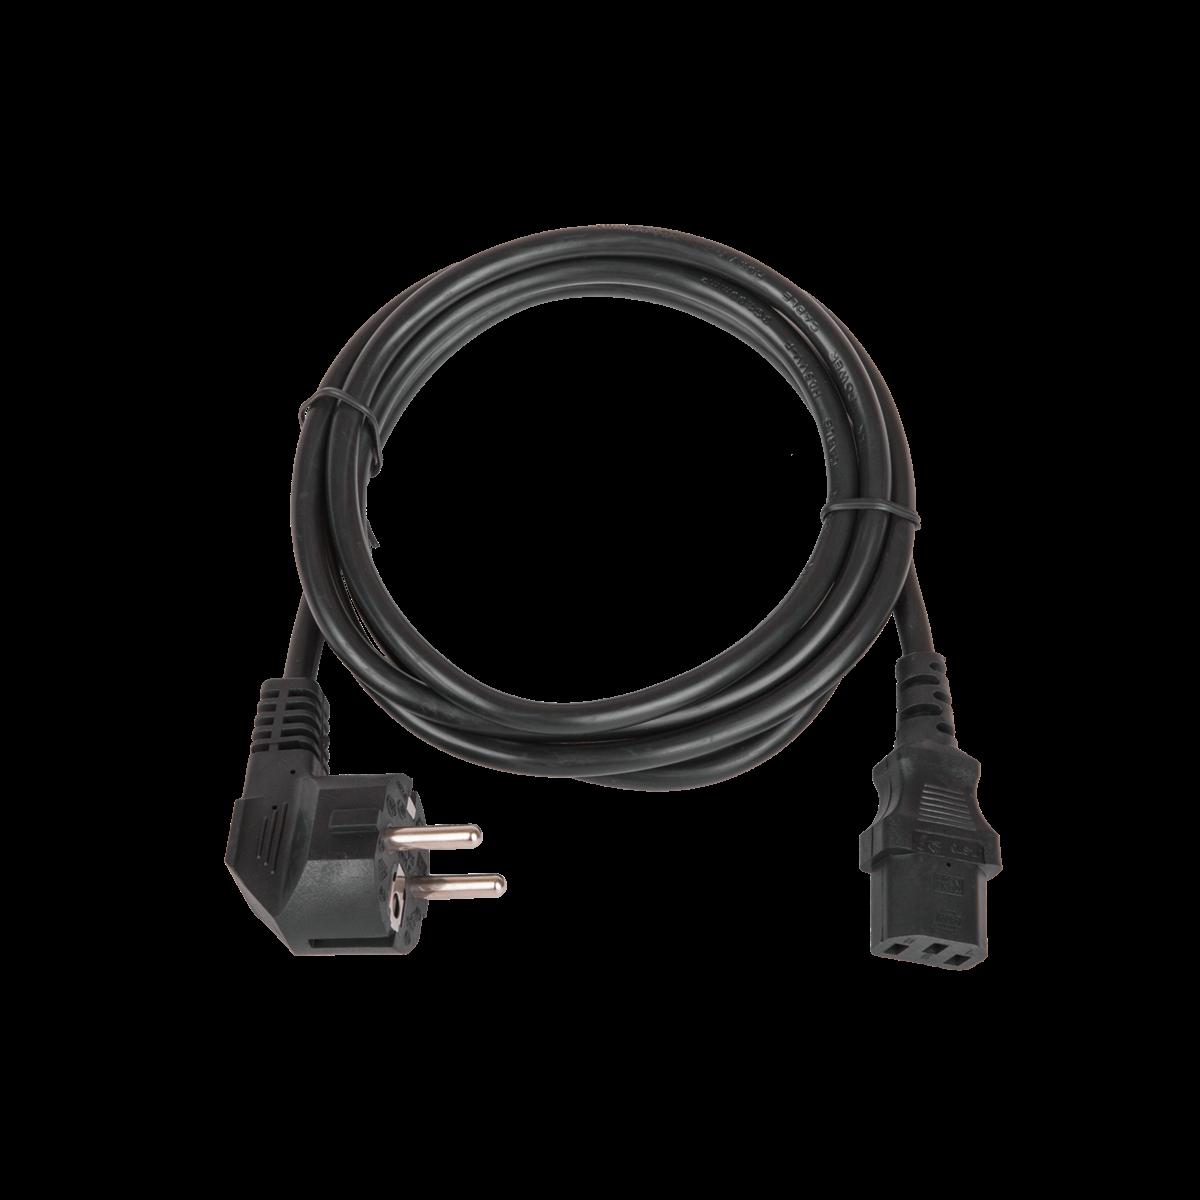 Кабель питания, вход - евровилка с заземлением (Schuko, CEE 7/7) , выход - разъём C13 (IEC 60320),  3x1мм2, 3.0 м, 250В 10A, черный